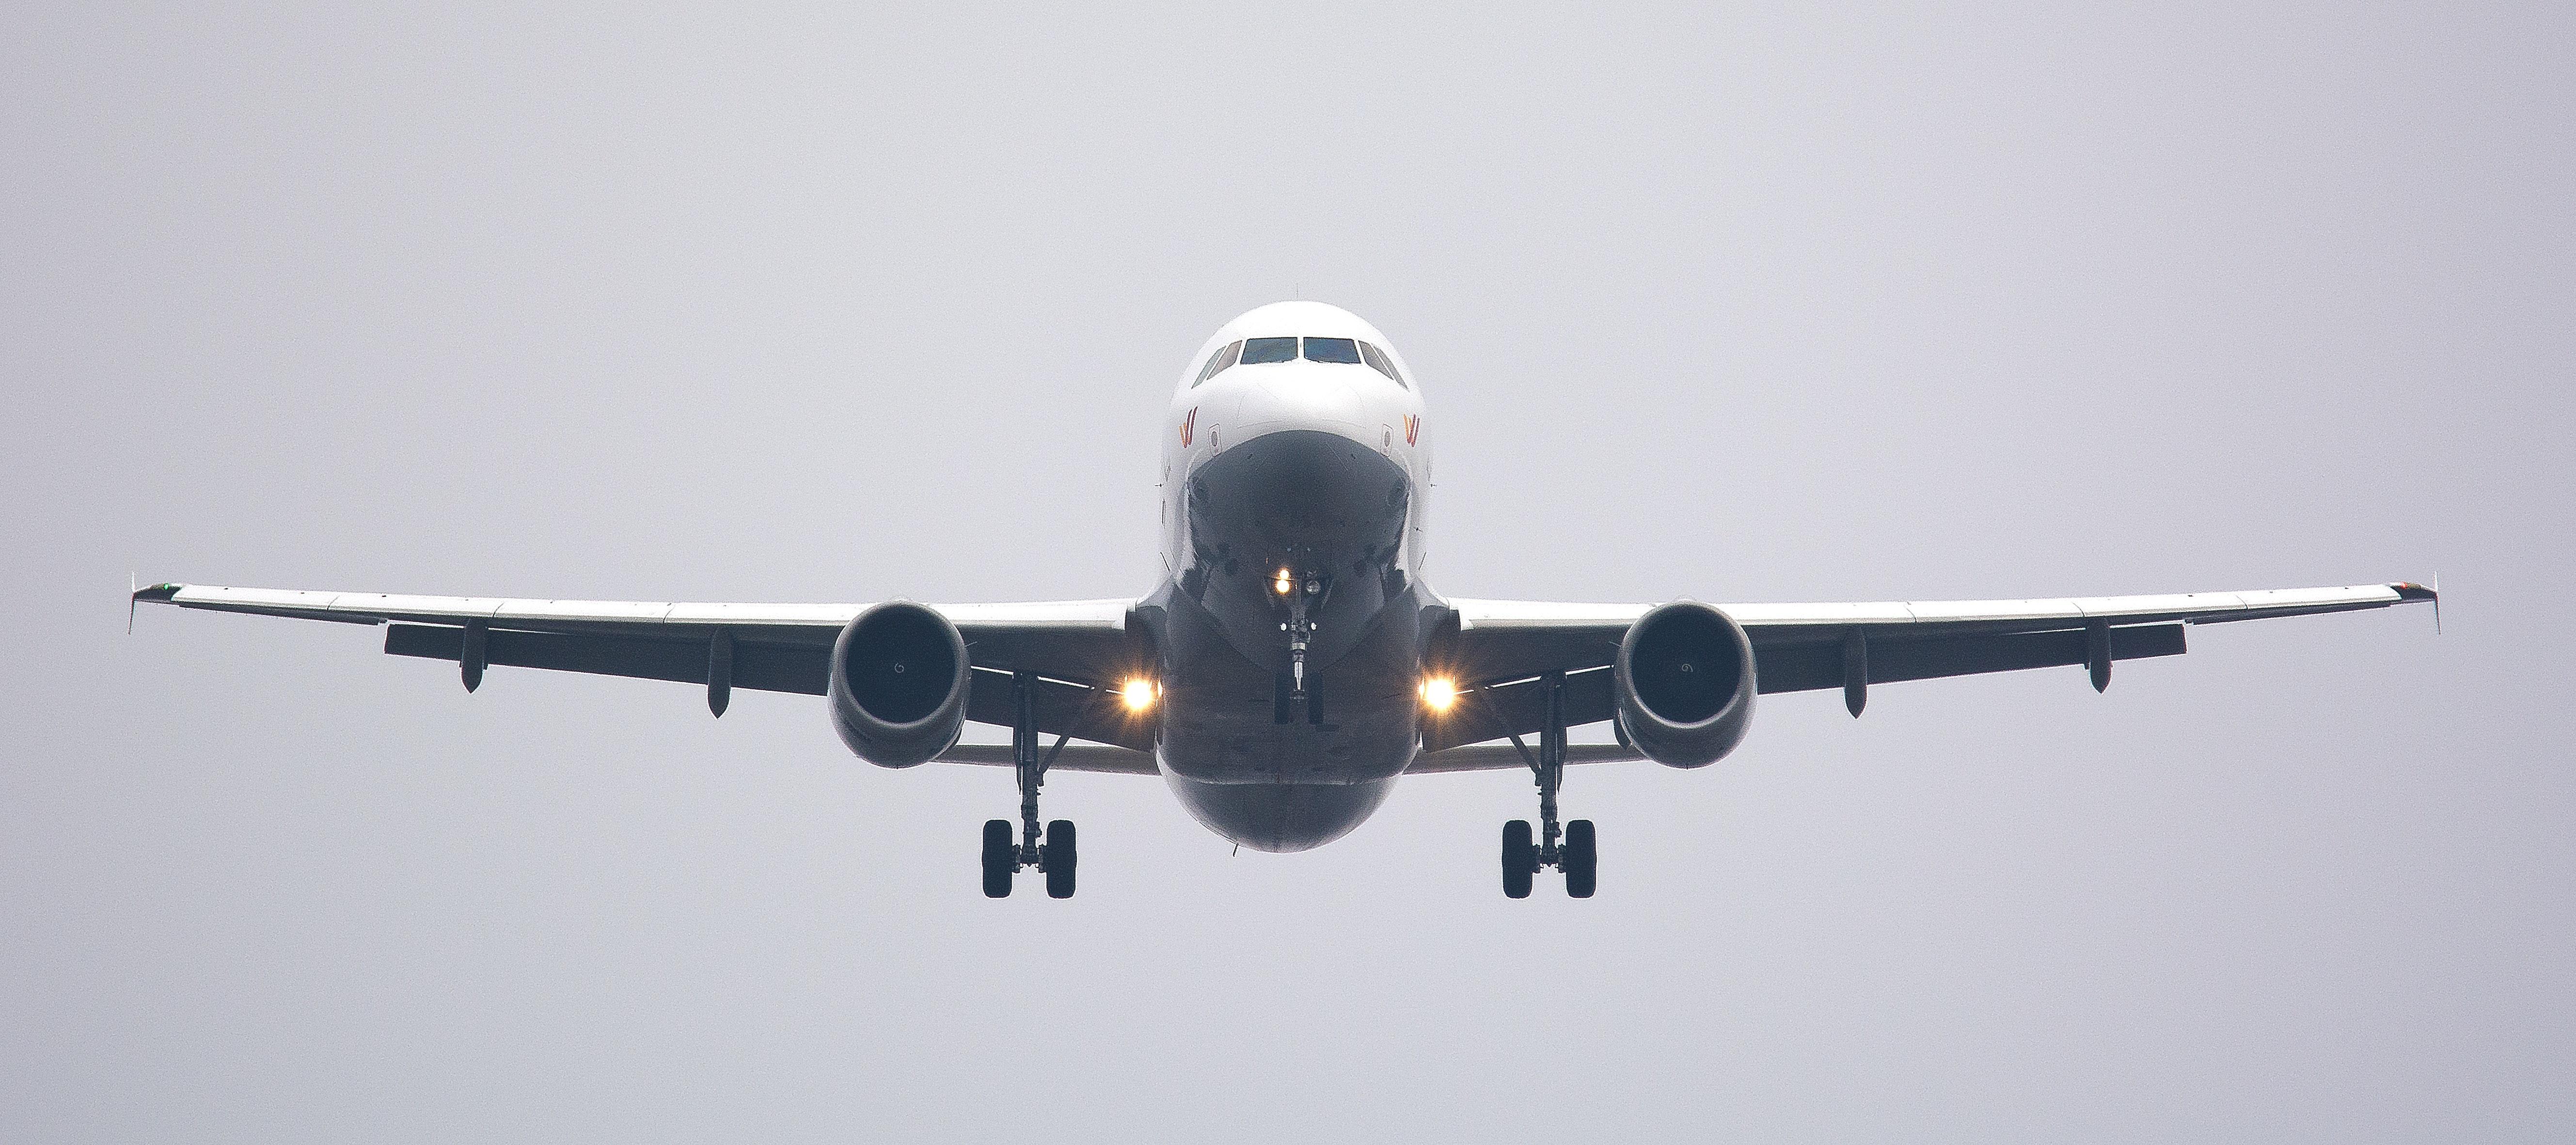 ny airport transportation